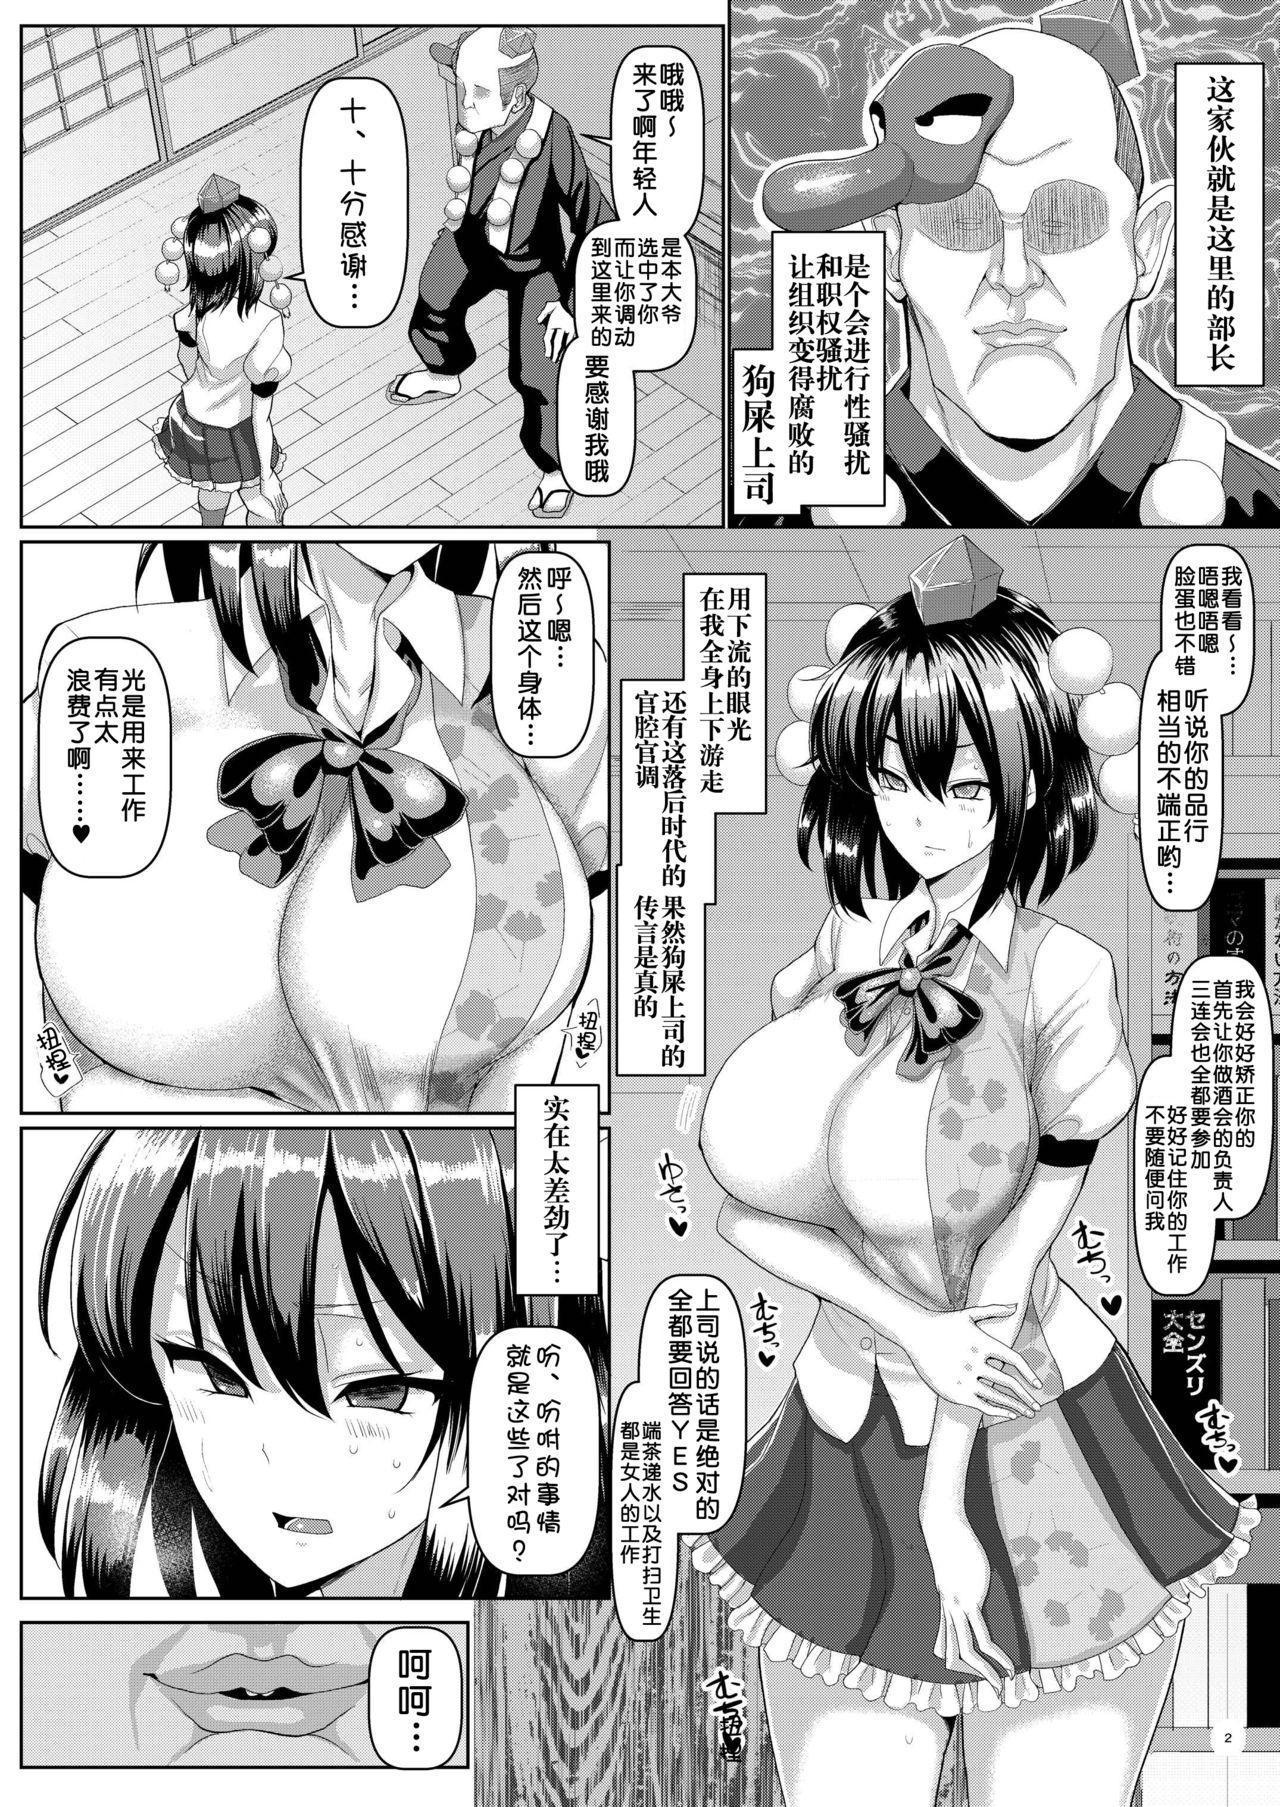 Kiyoku Tadashiku Tanoshii Shokuba | 清纯正直愉快的职场 2